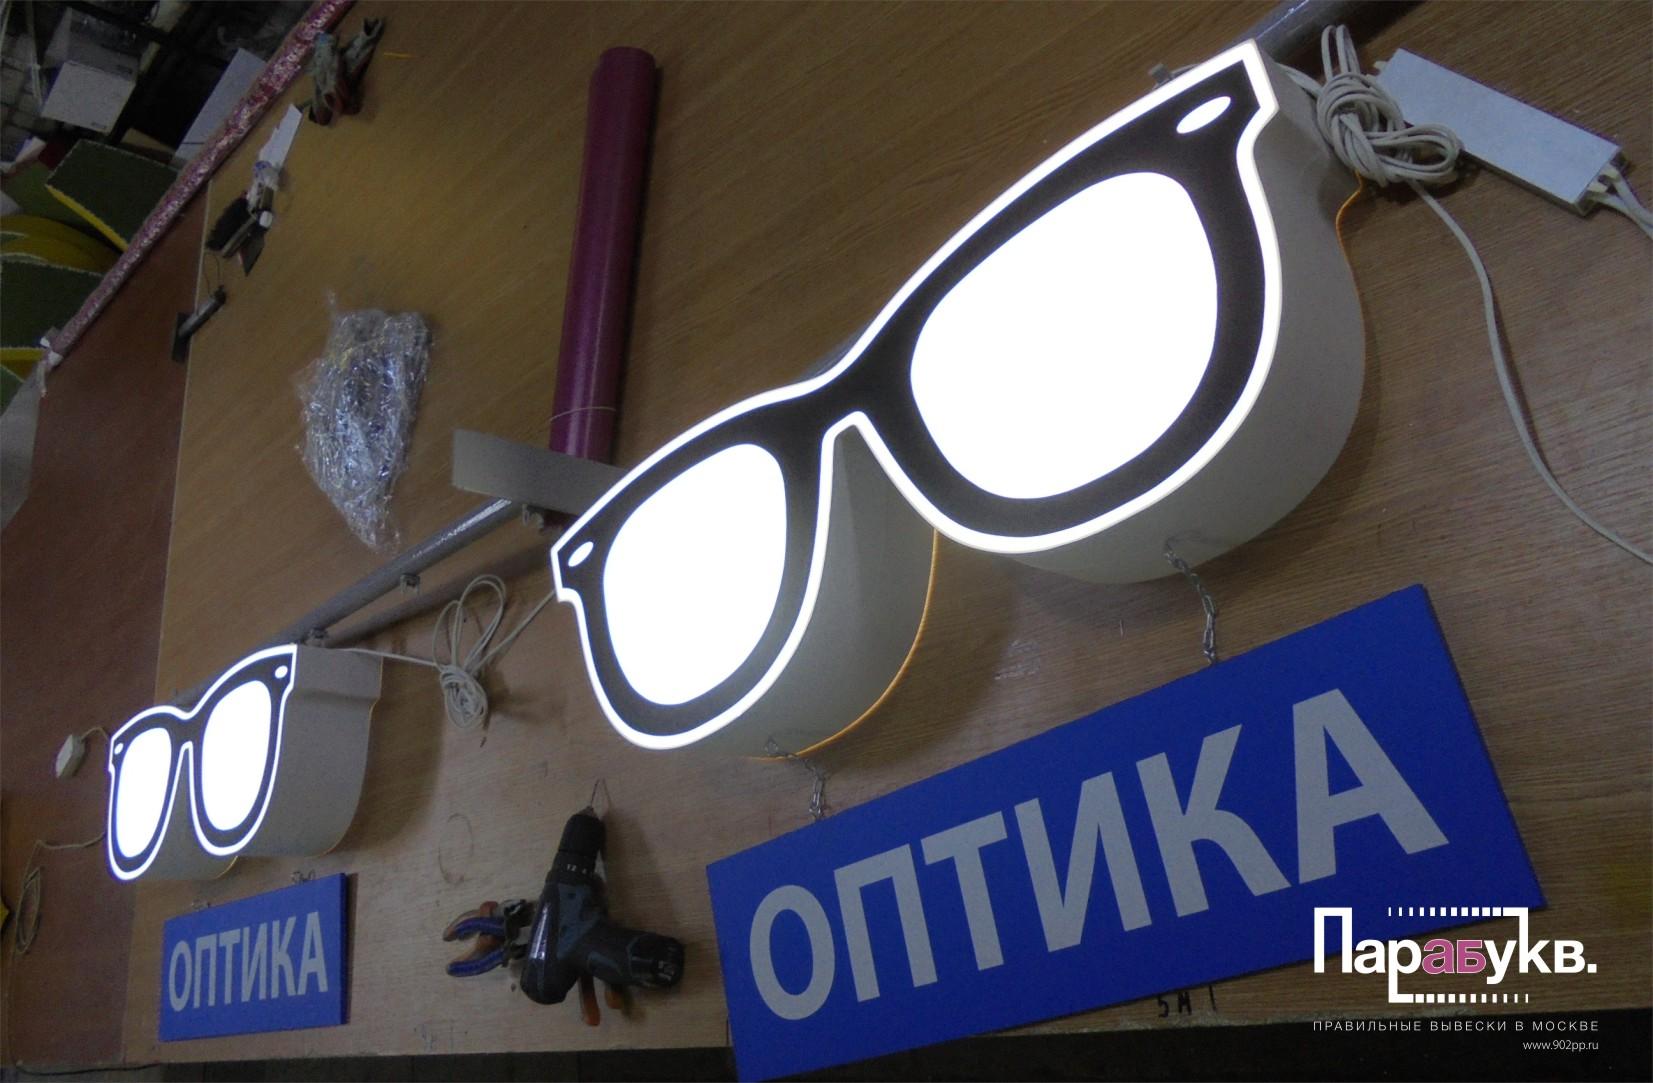 шишханов как выглядит картинка вывеска предмет оптика наступает излюбленная часть